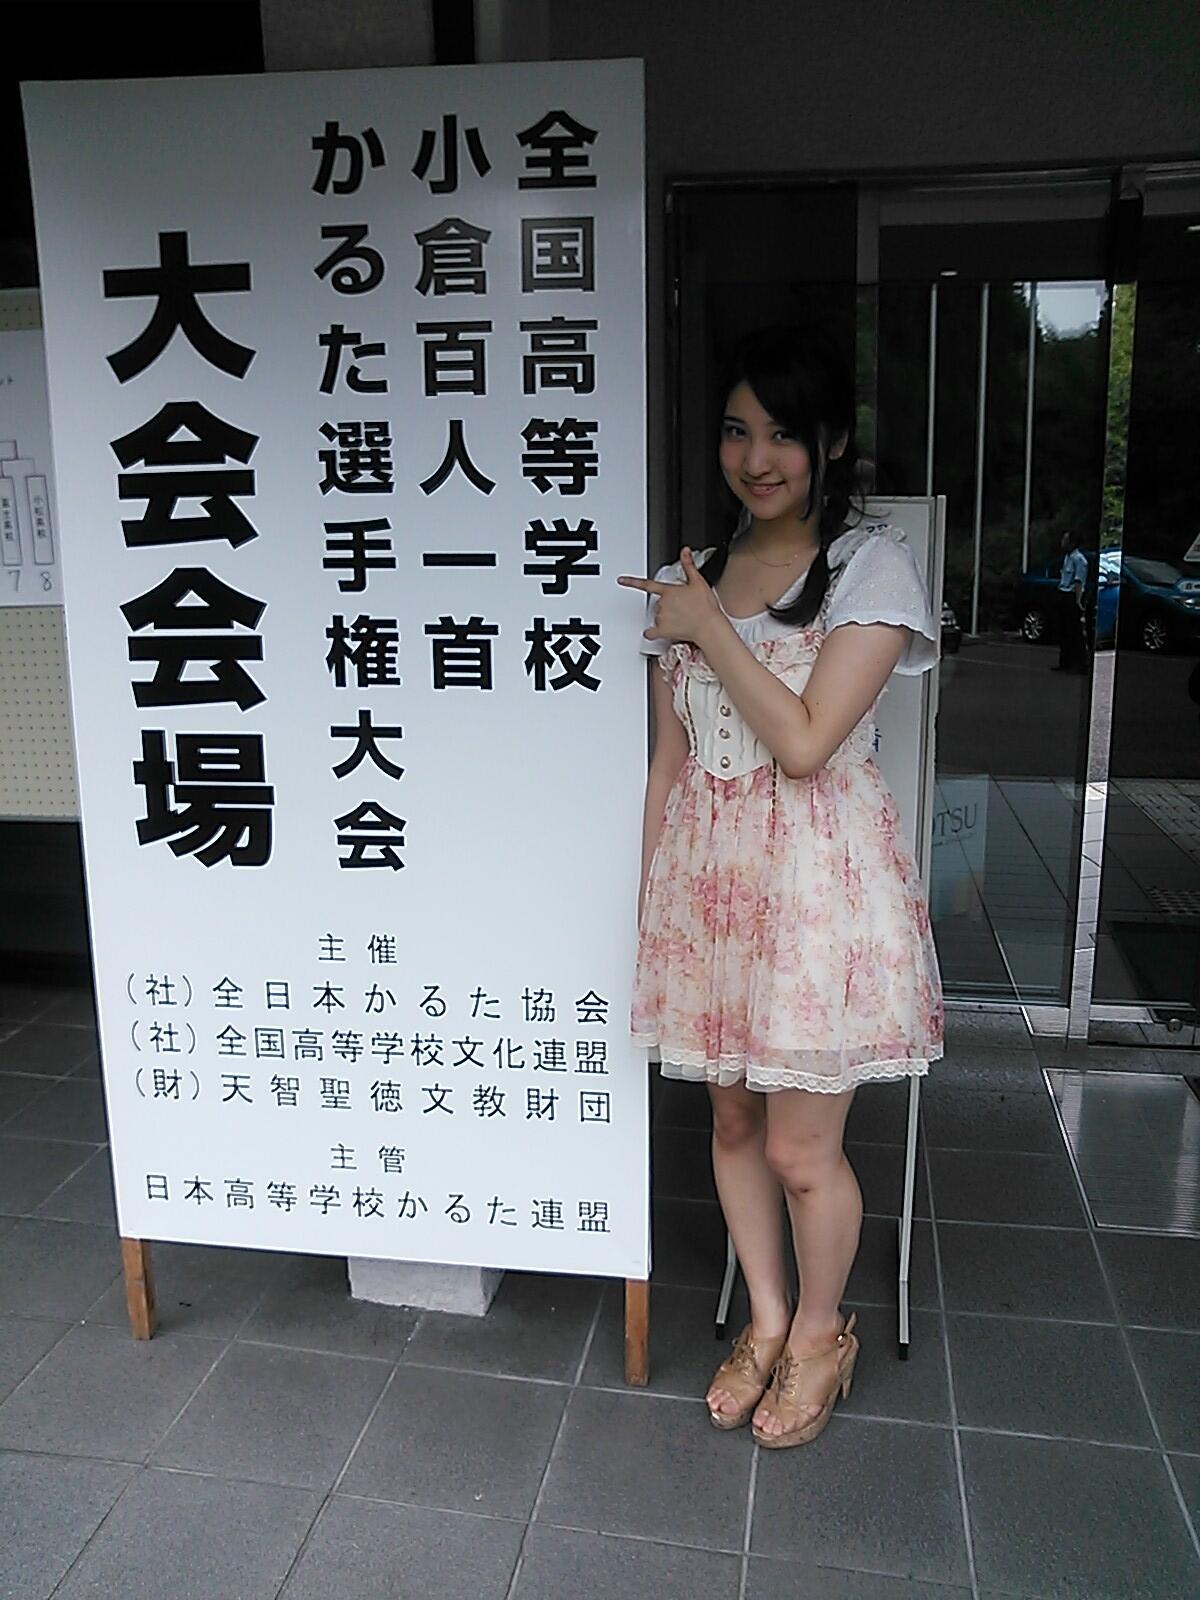 みんな正解!!さっきのは琵琶湖でしたー(*'▽'*)今日は弟の付き添いでここにきてたよ♡ http://t.co/aj2fHTnjpt